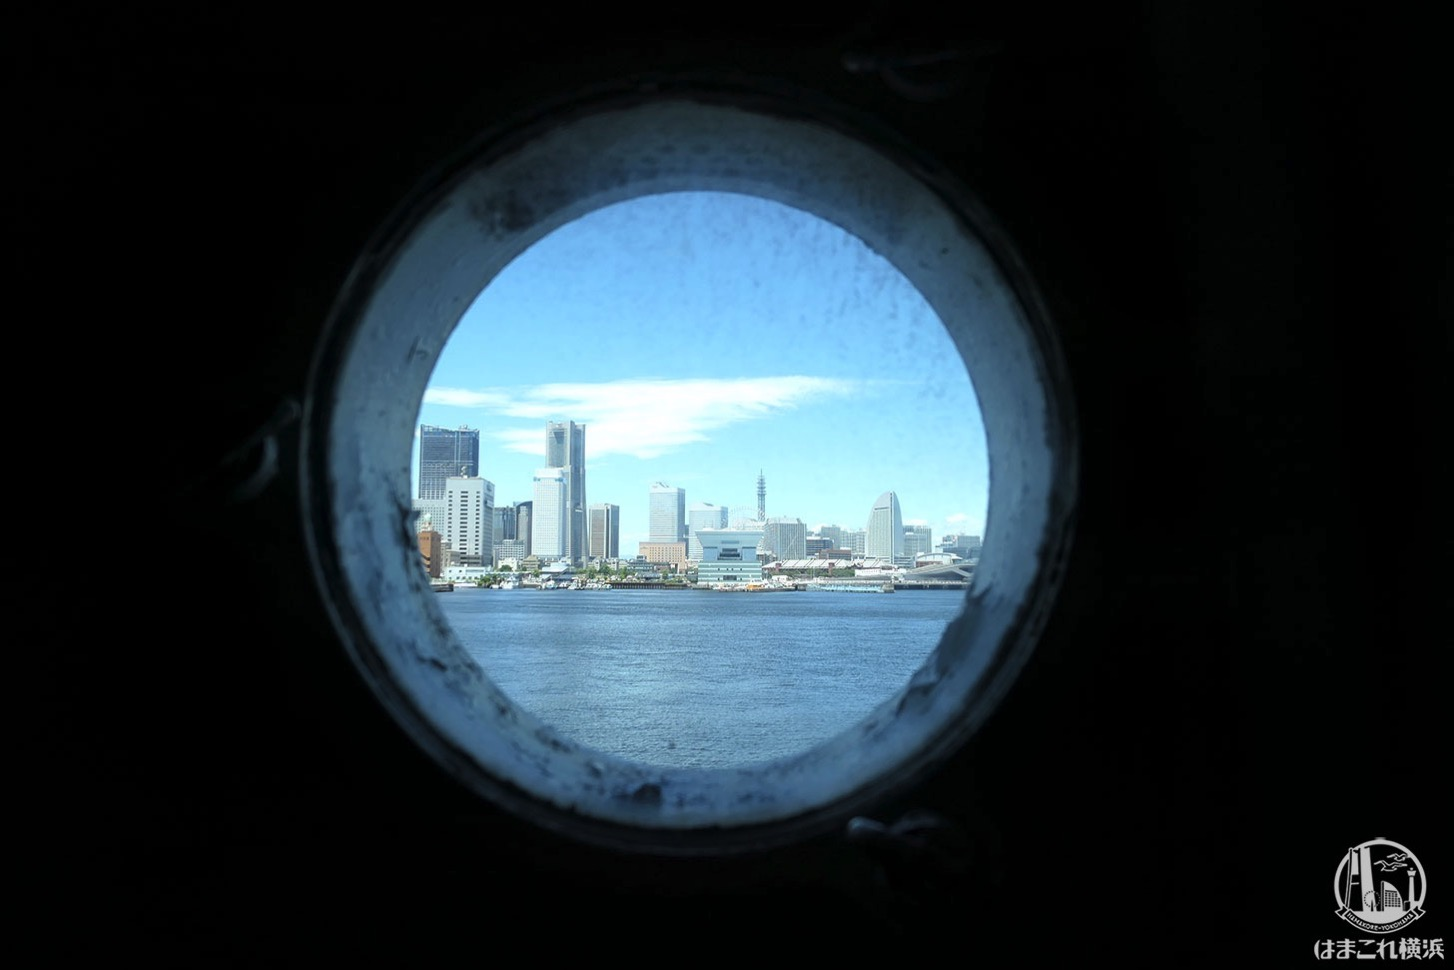 日本郵船氷川丸 船内窓から見たみなとみらい